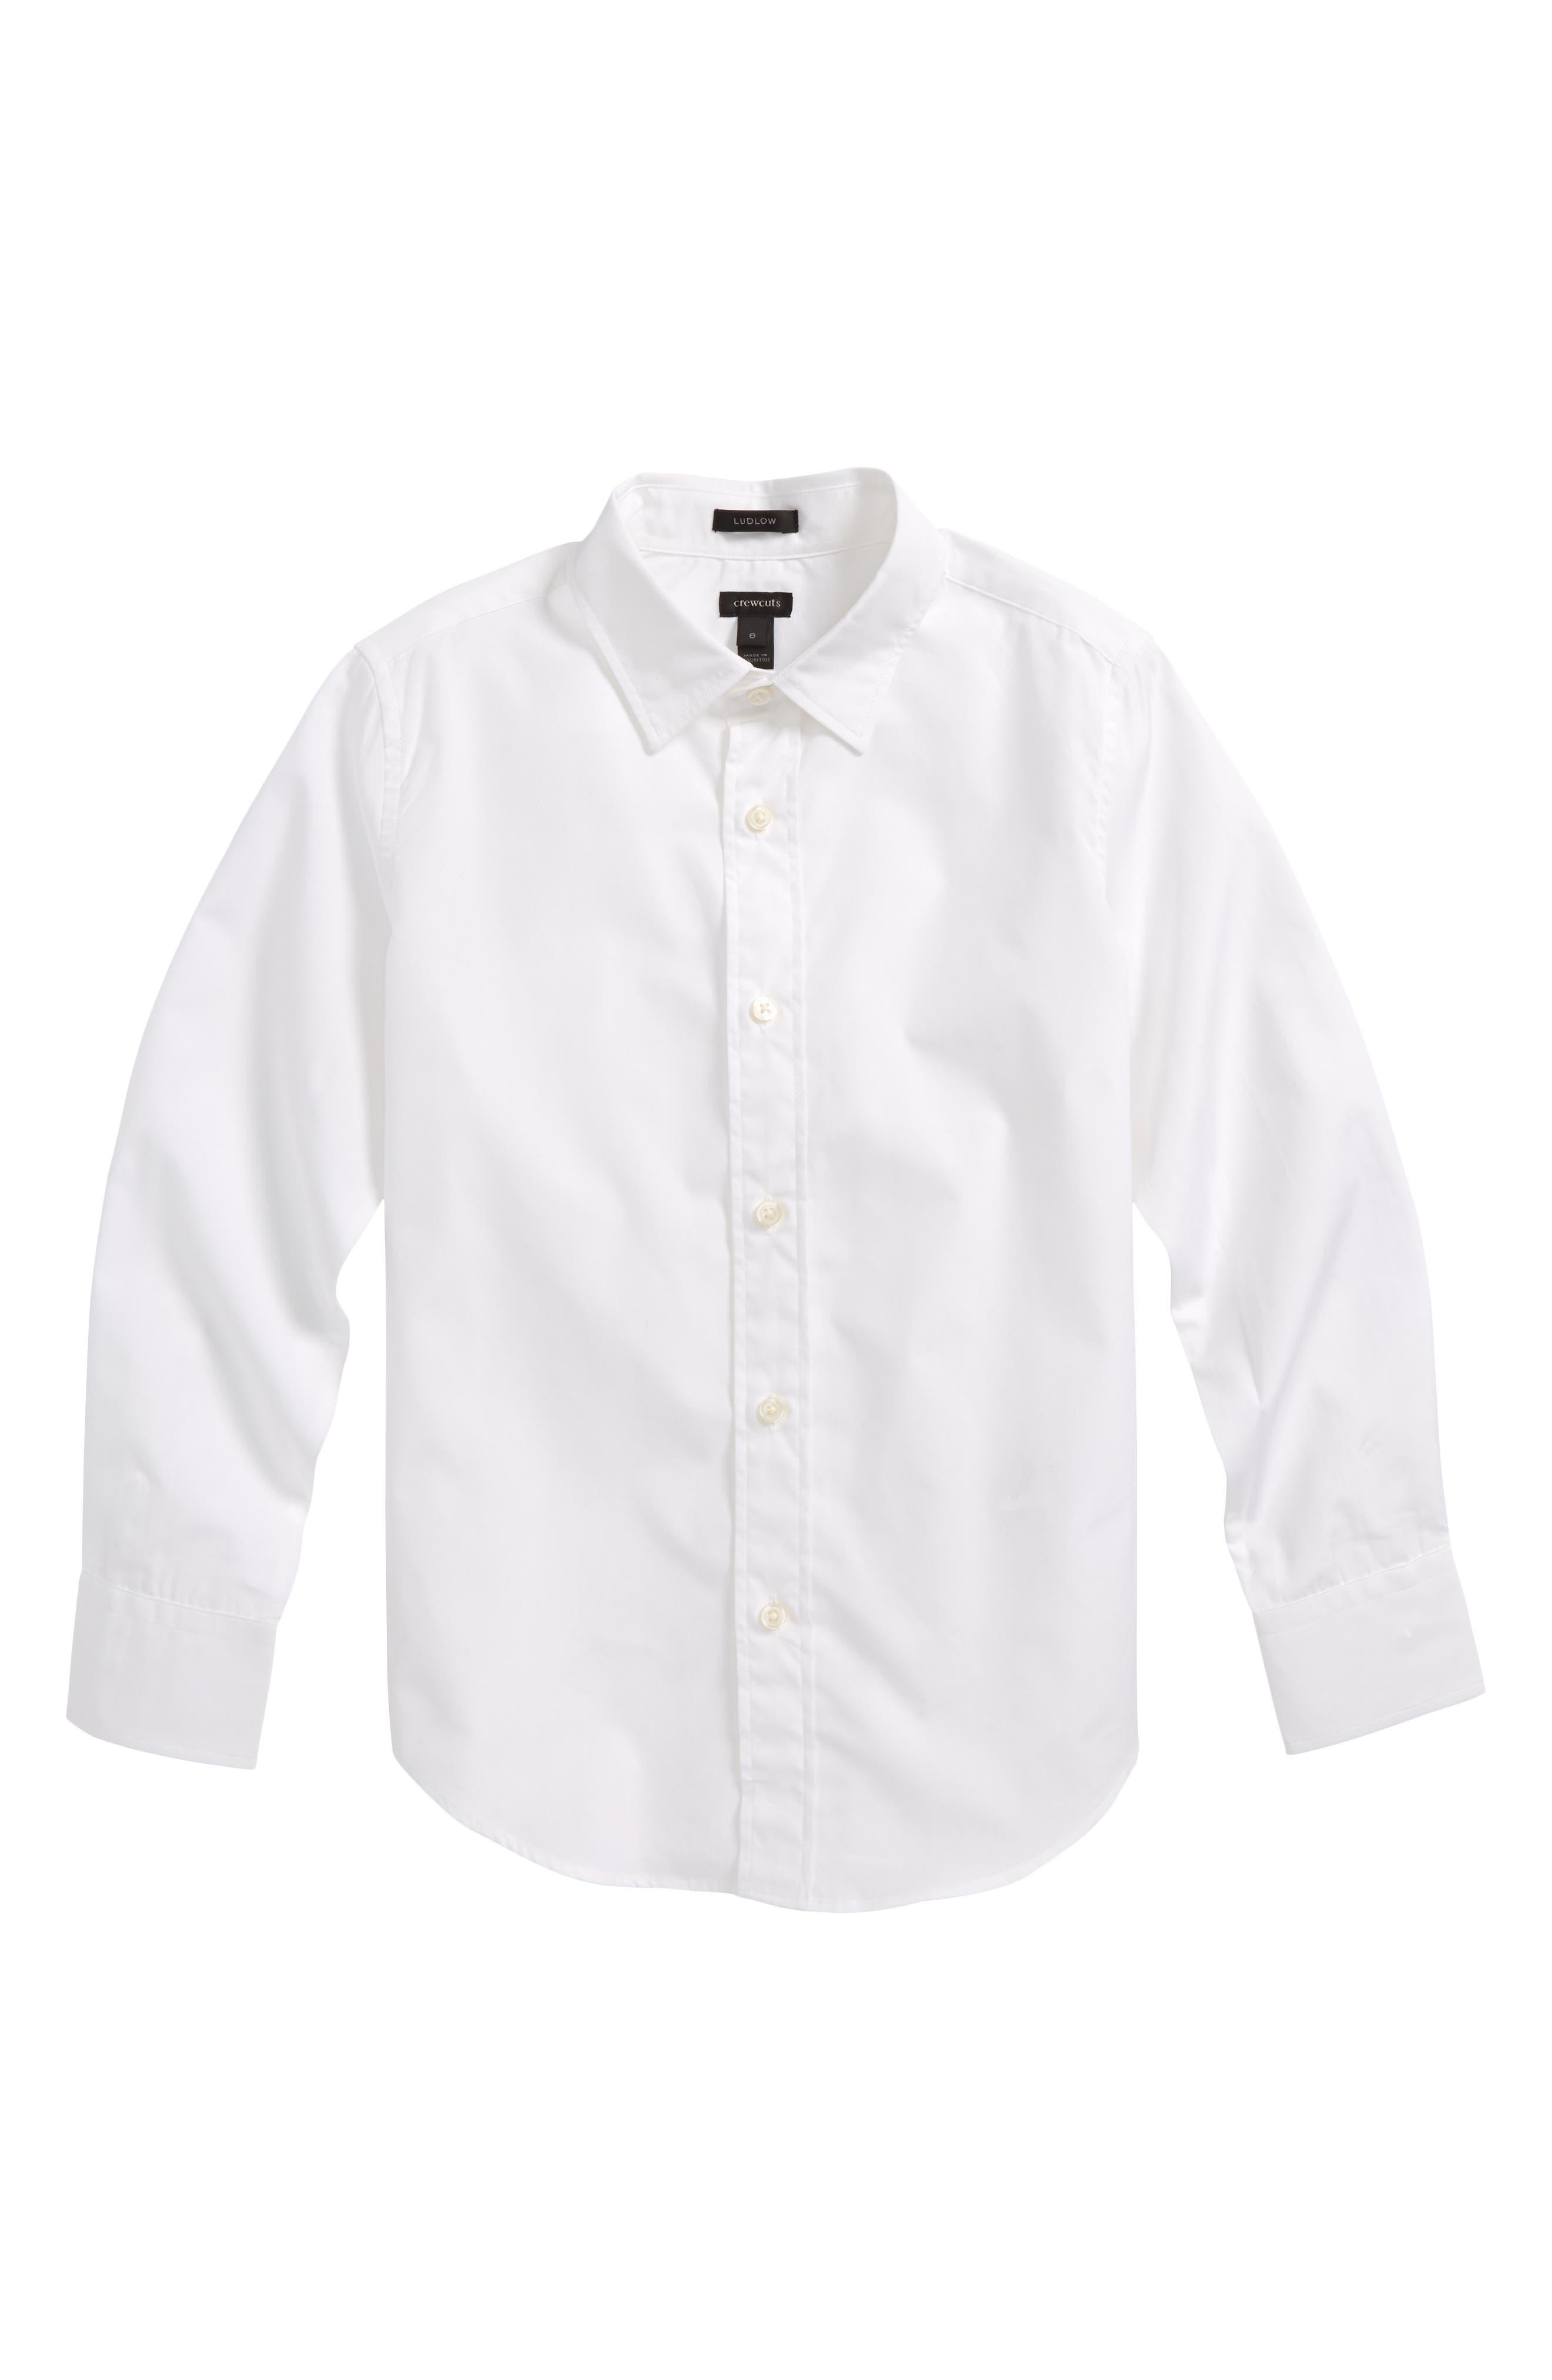 Ludlow Dress Shirt,                         Main,                         color, 100